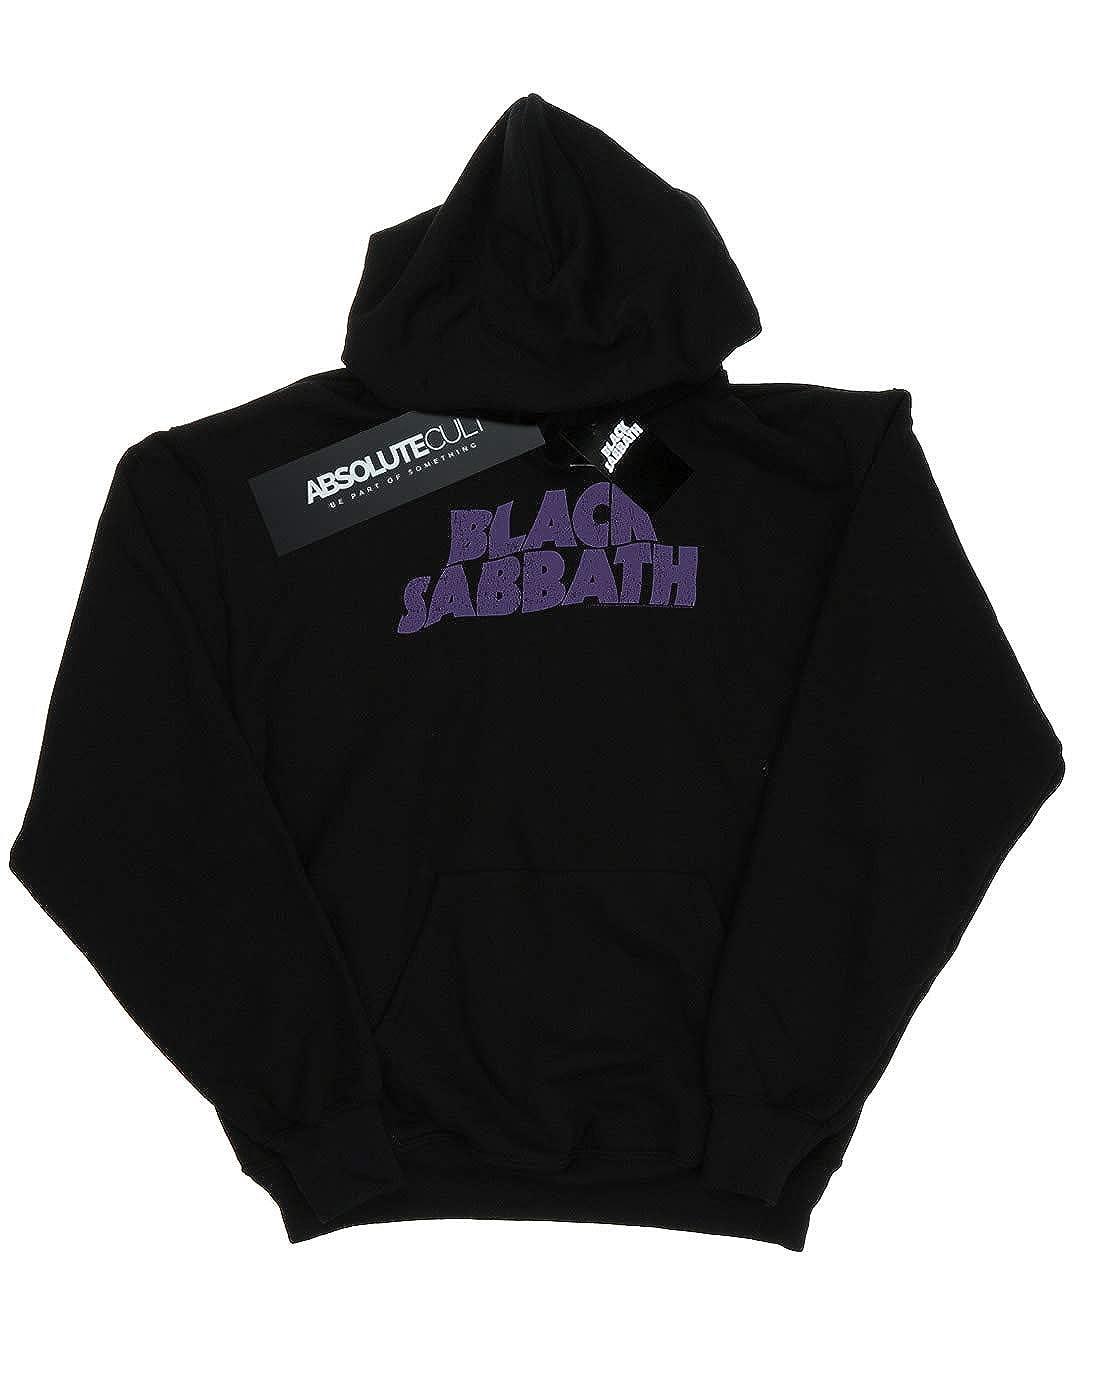 Absolute Cult Black Sabbath Mens Distressed Logo Hoodie